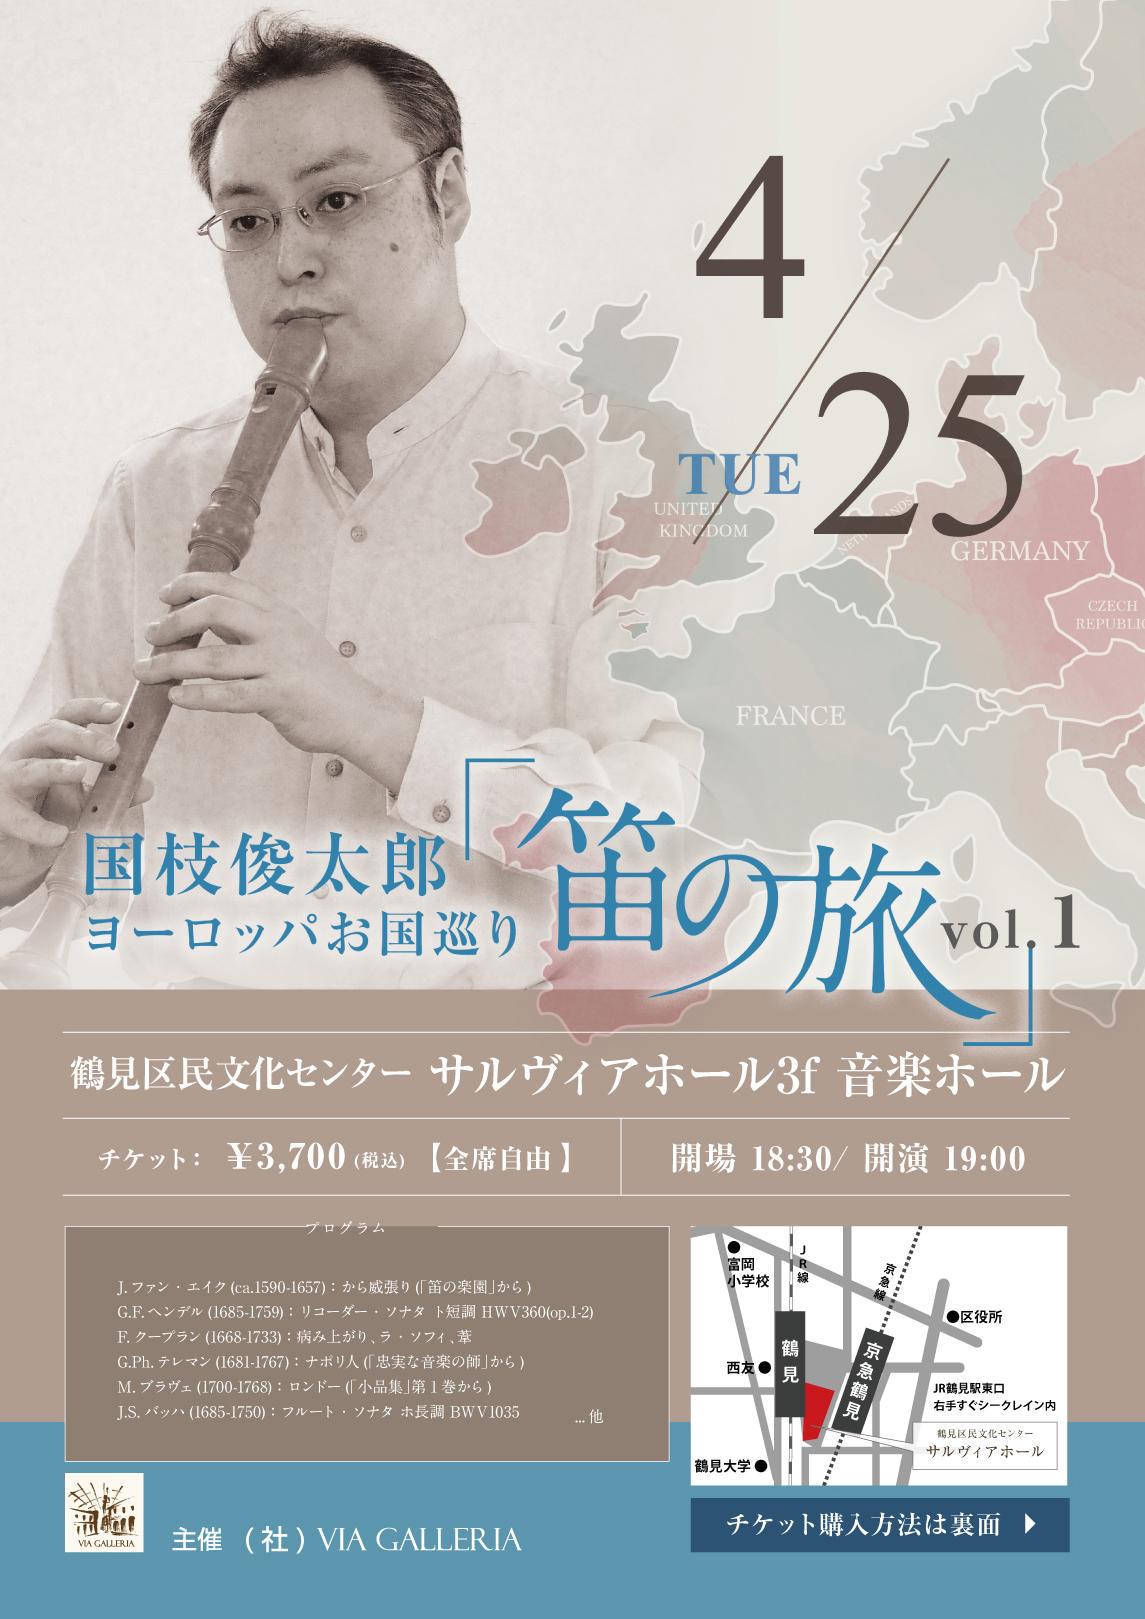 国枝俊太郎 ヨーロッパお国巡り ルネサンス・バロック音楽 「笛の旅 Vol.1」